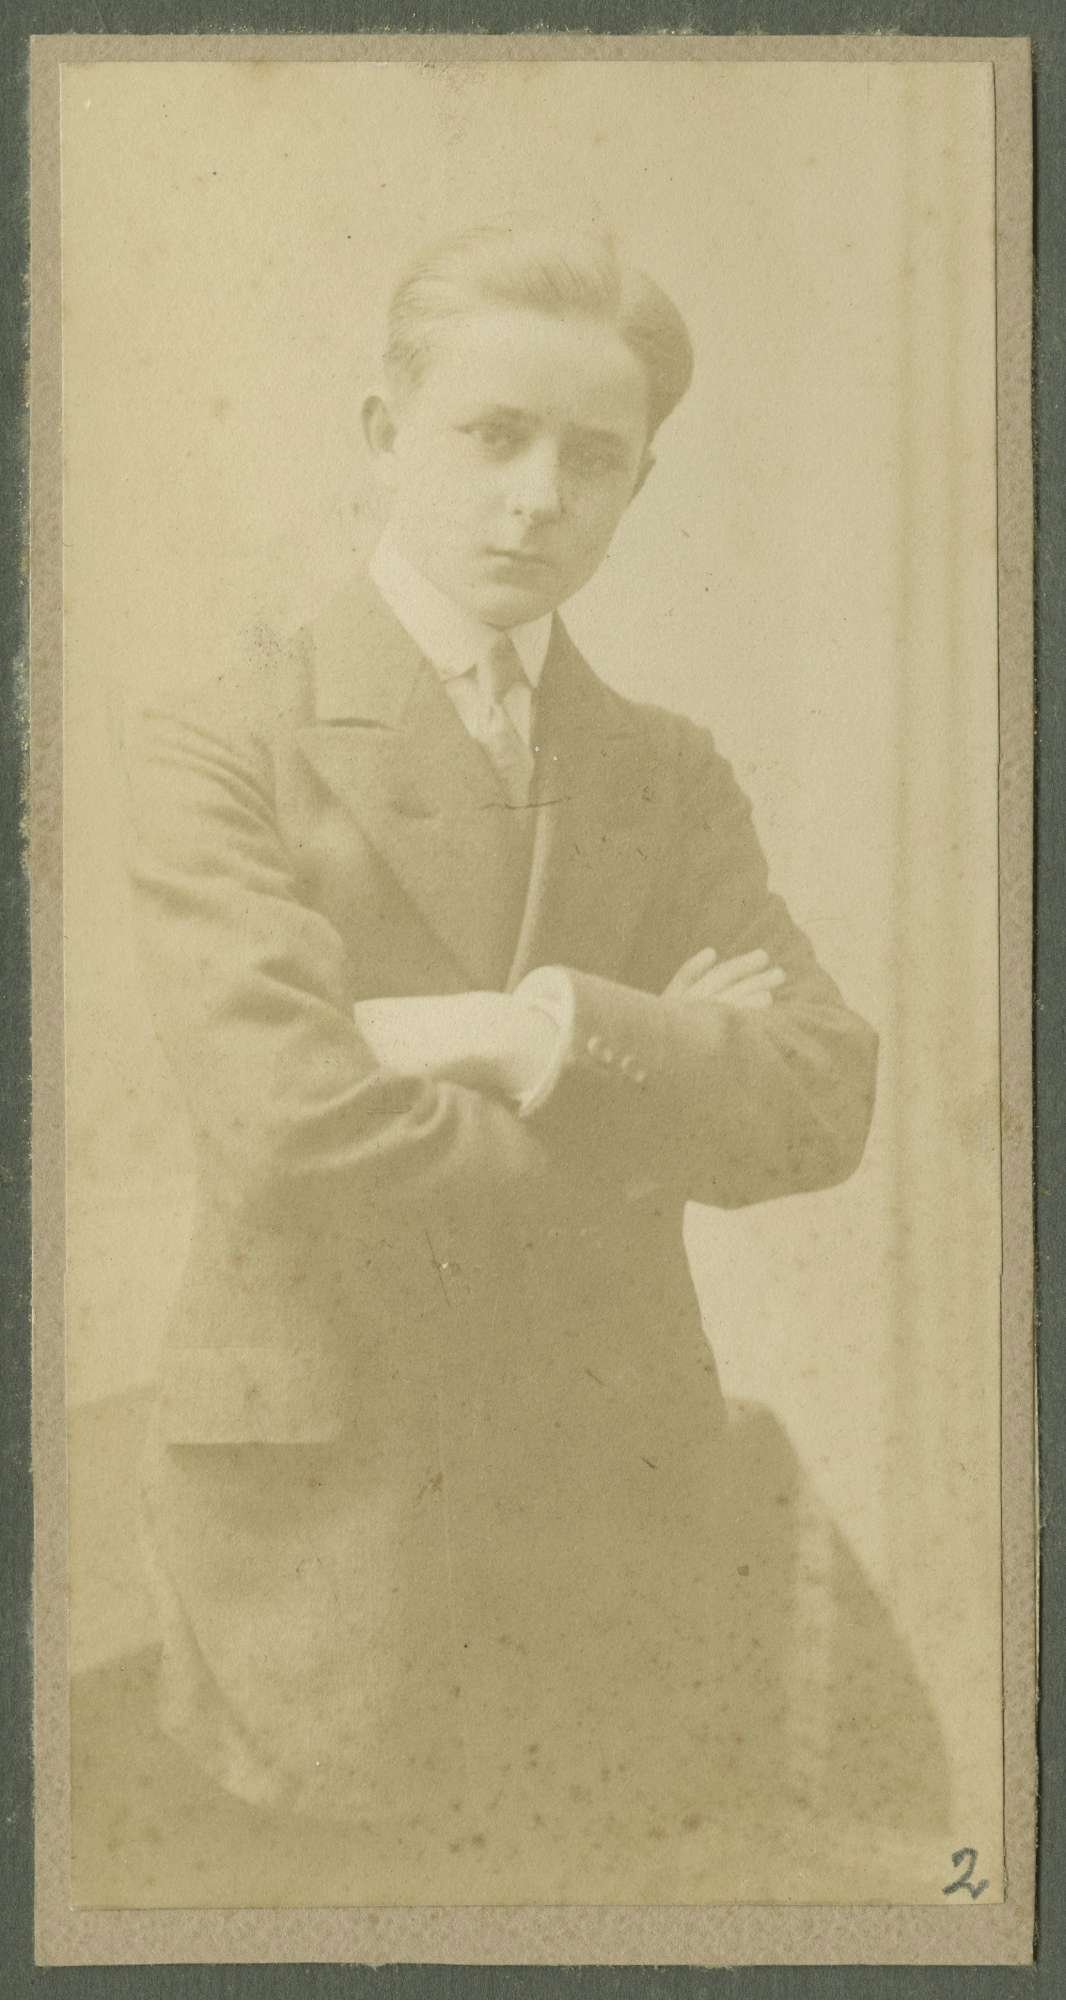 Mahl, Otto, Bild 1